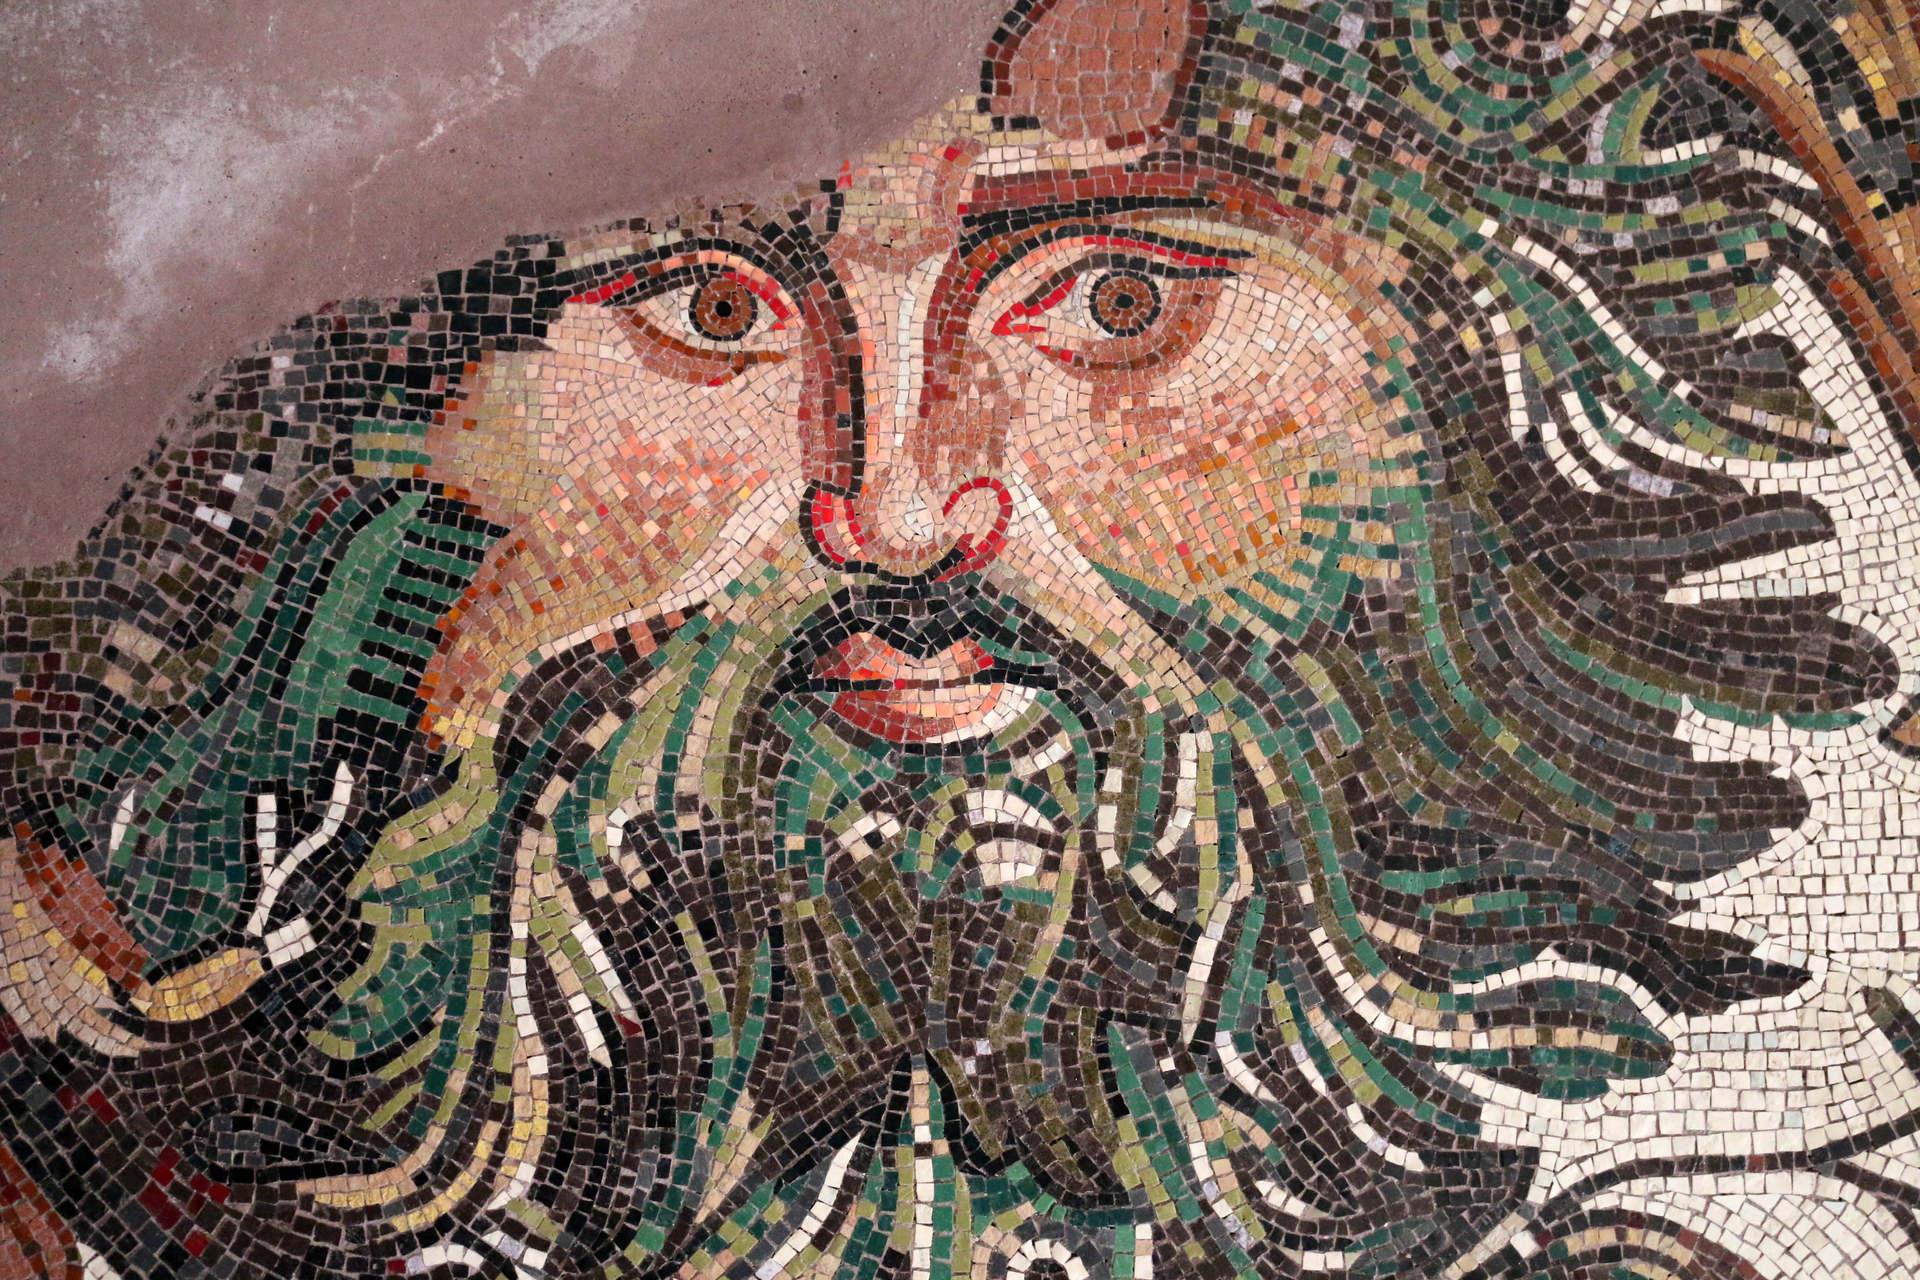 mosaics6.jpg